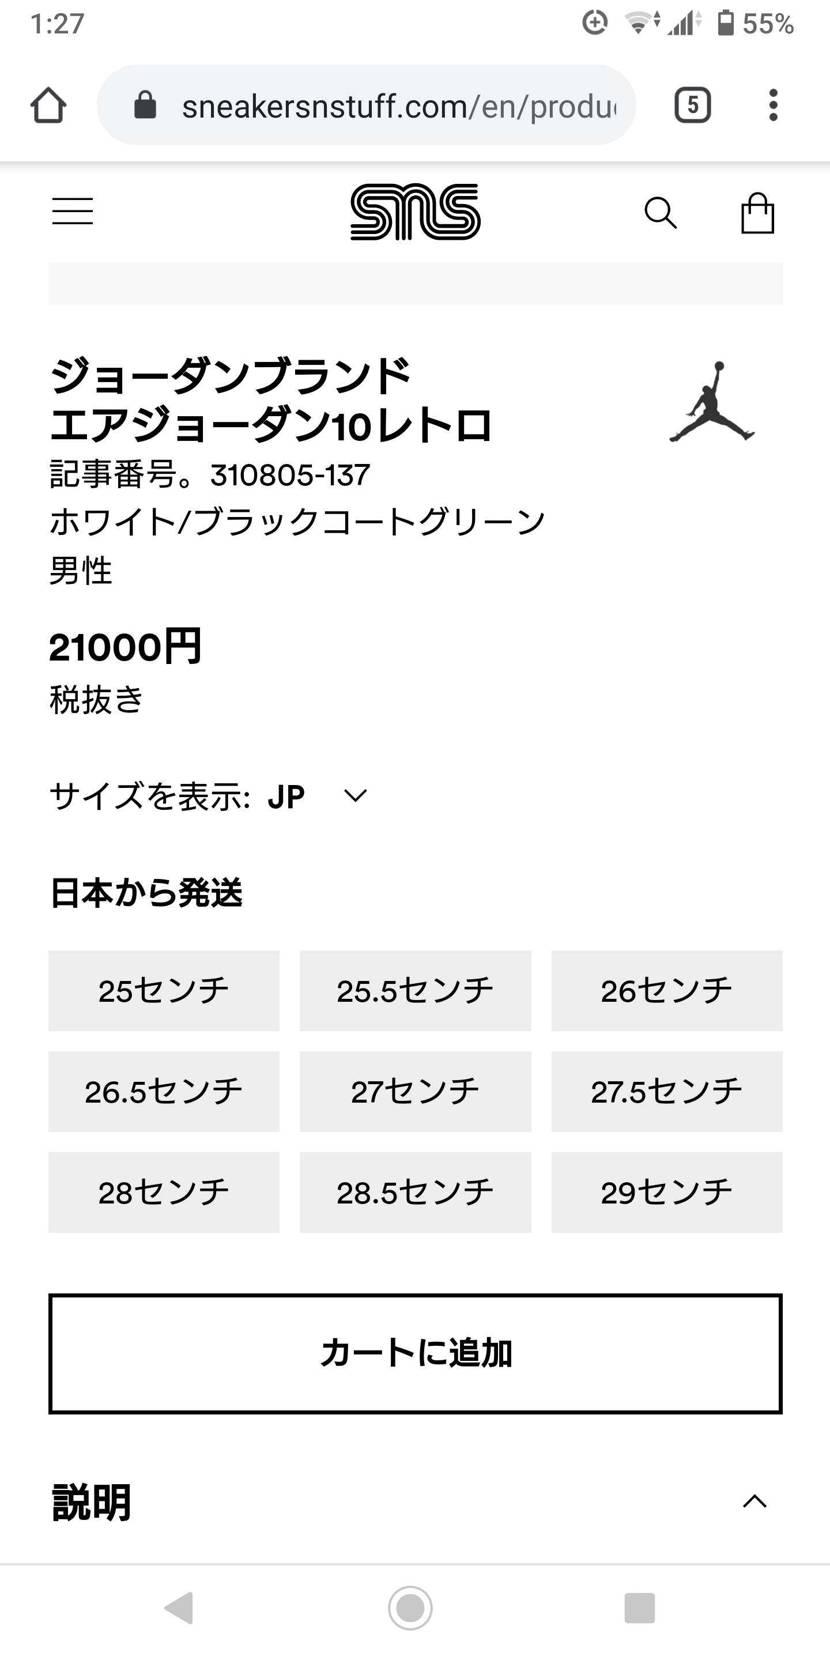 あまり需要ないかもしれませんが、 SNSでもう売ってますよ。 日本発送だから関税